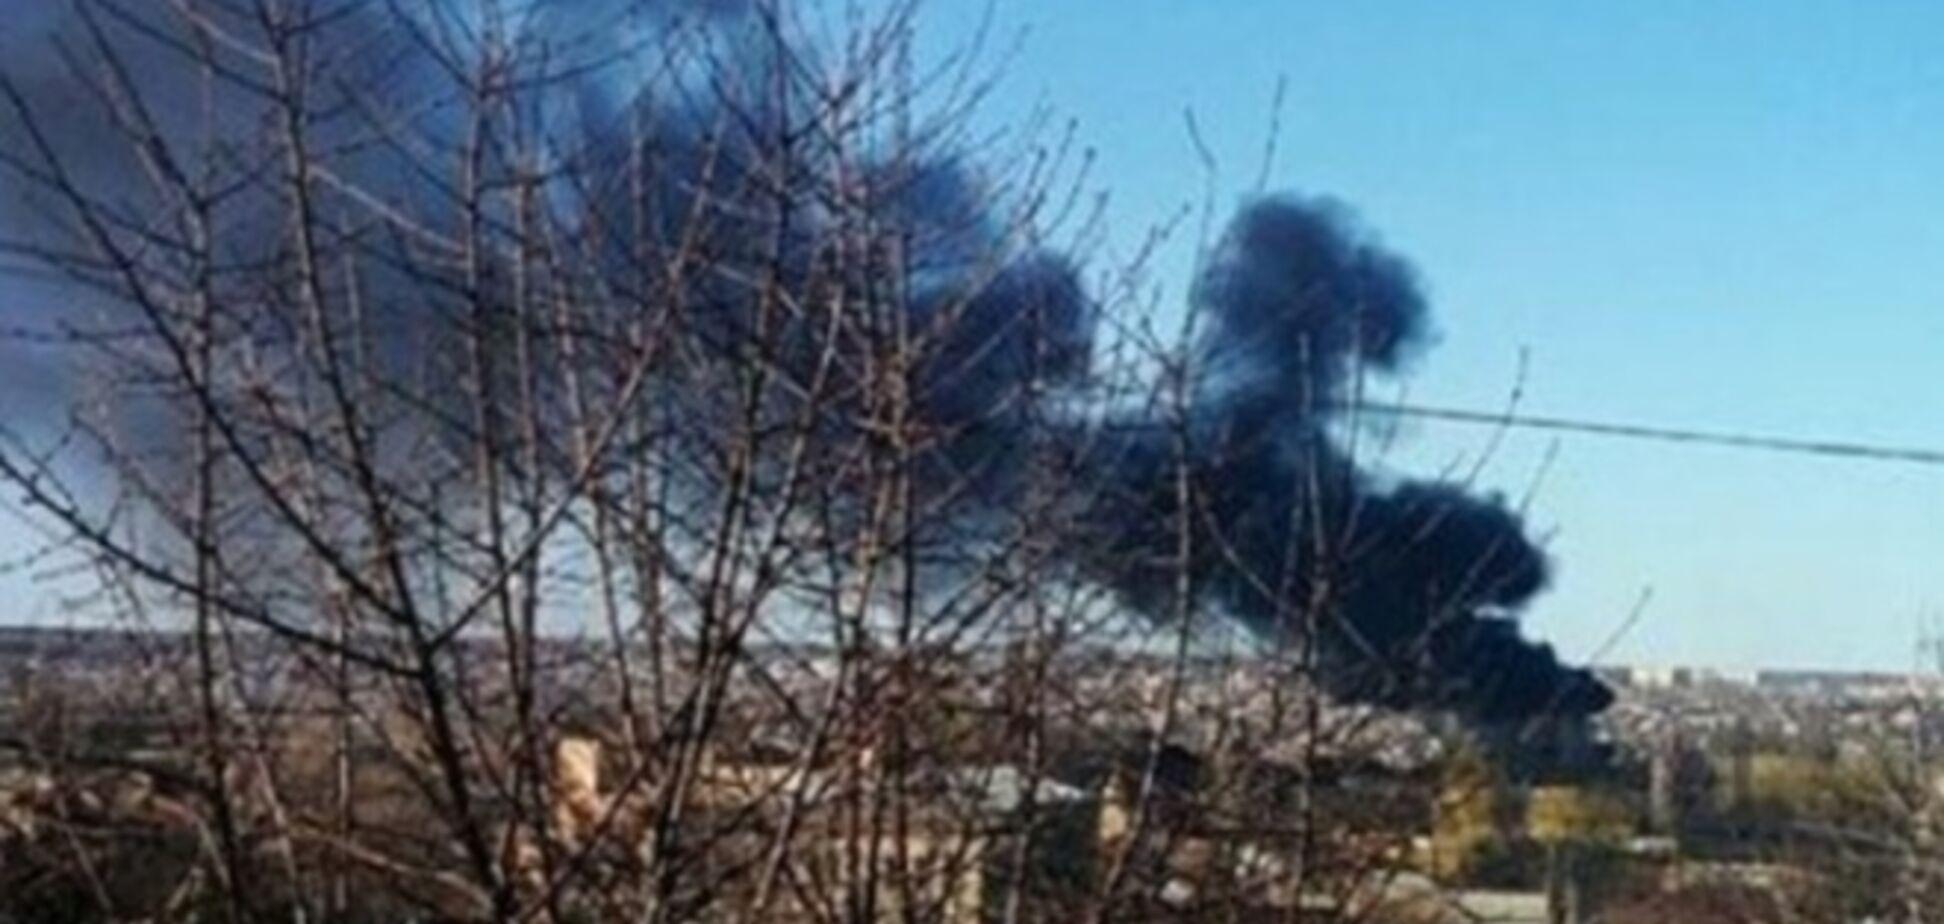 В Луганске снаряд попал в жилой дом: жители эвакуированы